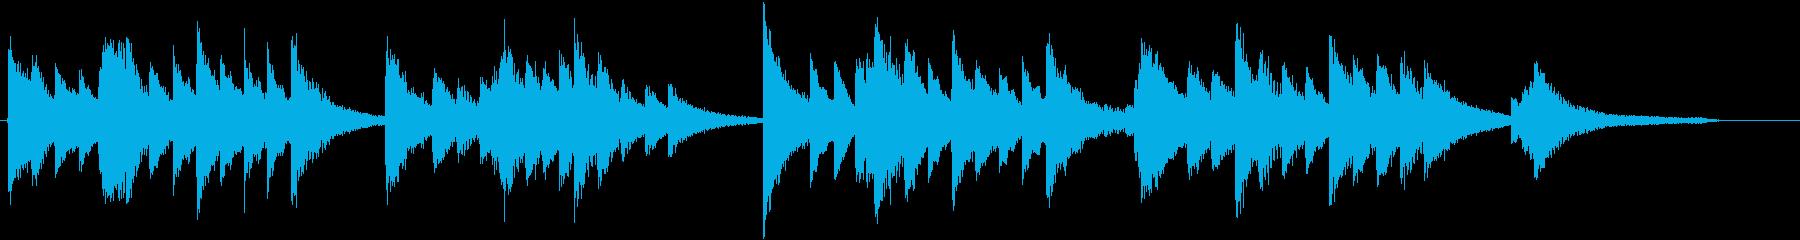 童謡・うれしいひなまつりピアノBGM②の再生済みの波形